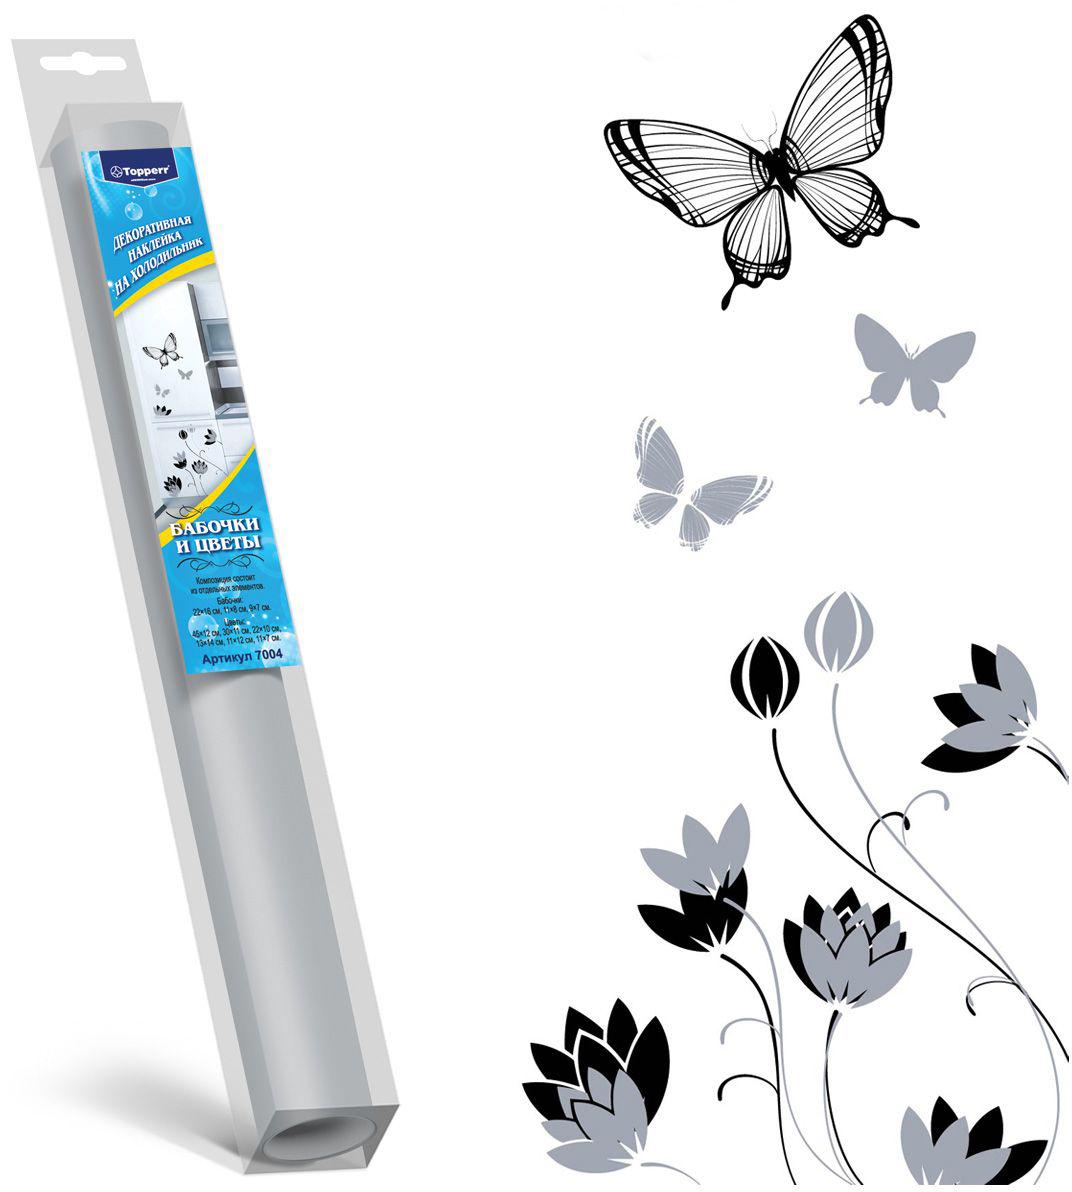 Наклейка для интерьера Topperr Бабочки и цветы7004Наклейка для стен и предметов интерьера Topperr Бабочки и цветы, изготовленная из экологически безопасной самоклеящейся виниловой пленки - это удивительно простой и быстрый способ оживить интерьер помещения. Композиция состоит из отдельных элементов.Интерьерные наклейки дадут вам вдохновение, которое изменит вашу жизнь и поможет погрузиться в мир ярких красок, фантазий и творчества. Для вас открываются безграничные возможности придумать оригинальный дизайн и придать новый вид стенам и мебели. Наклейки абсолютно безопасны для здоровья. Они быстро и легко наклеиваются на любые ровные поверхности: стены, окна, двери, кафельную плитку, виниловые и флизелиновые обои, стекла, мебель. При необходимости удобно снимаются, не оставляют следов и не повреждают поверхность (кроме бумажных обоев). Наклейка Topperr Бабочки и цветы поможет вам изменить интерьер вокруг себя: в детской комнате и гостиной, на кухне и в прихожей, витрину кафе и магазина, детский садик и офис.Размеры элементов:- бабочки: 22 х 16 см, 11 х 8 см, 9 х 7 см,- цветы: 45 х 12 см, 30 х 11 см, 22 х 10 см, 13 х 14 см, 11 х 12 см, 11 х 7 см.